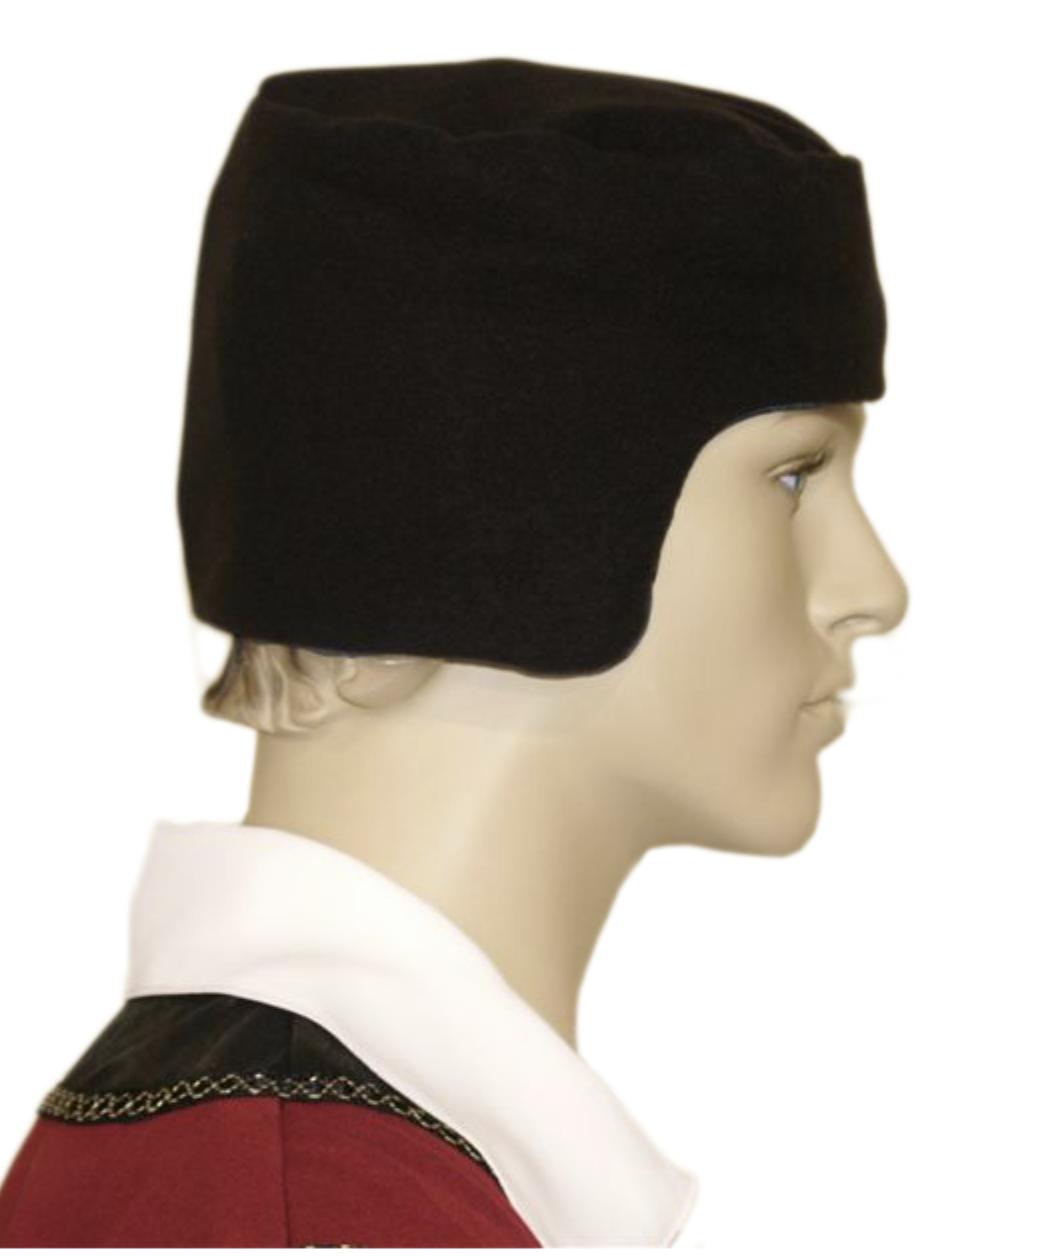 Temppeliritarin hattu